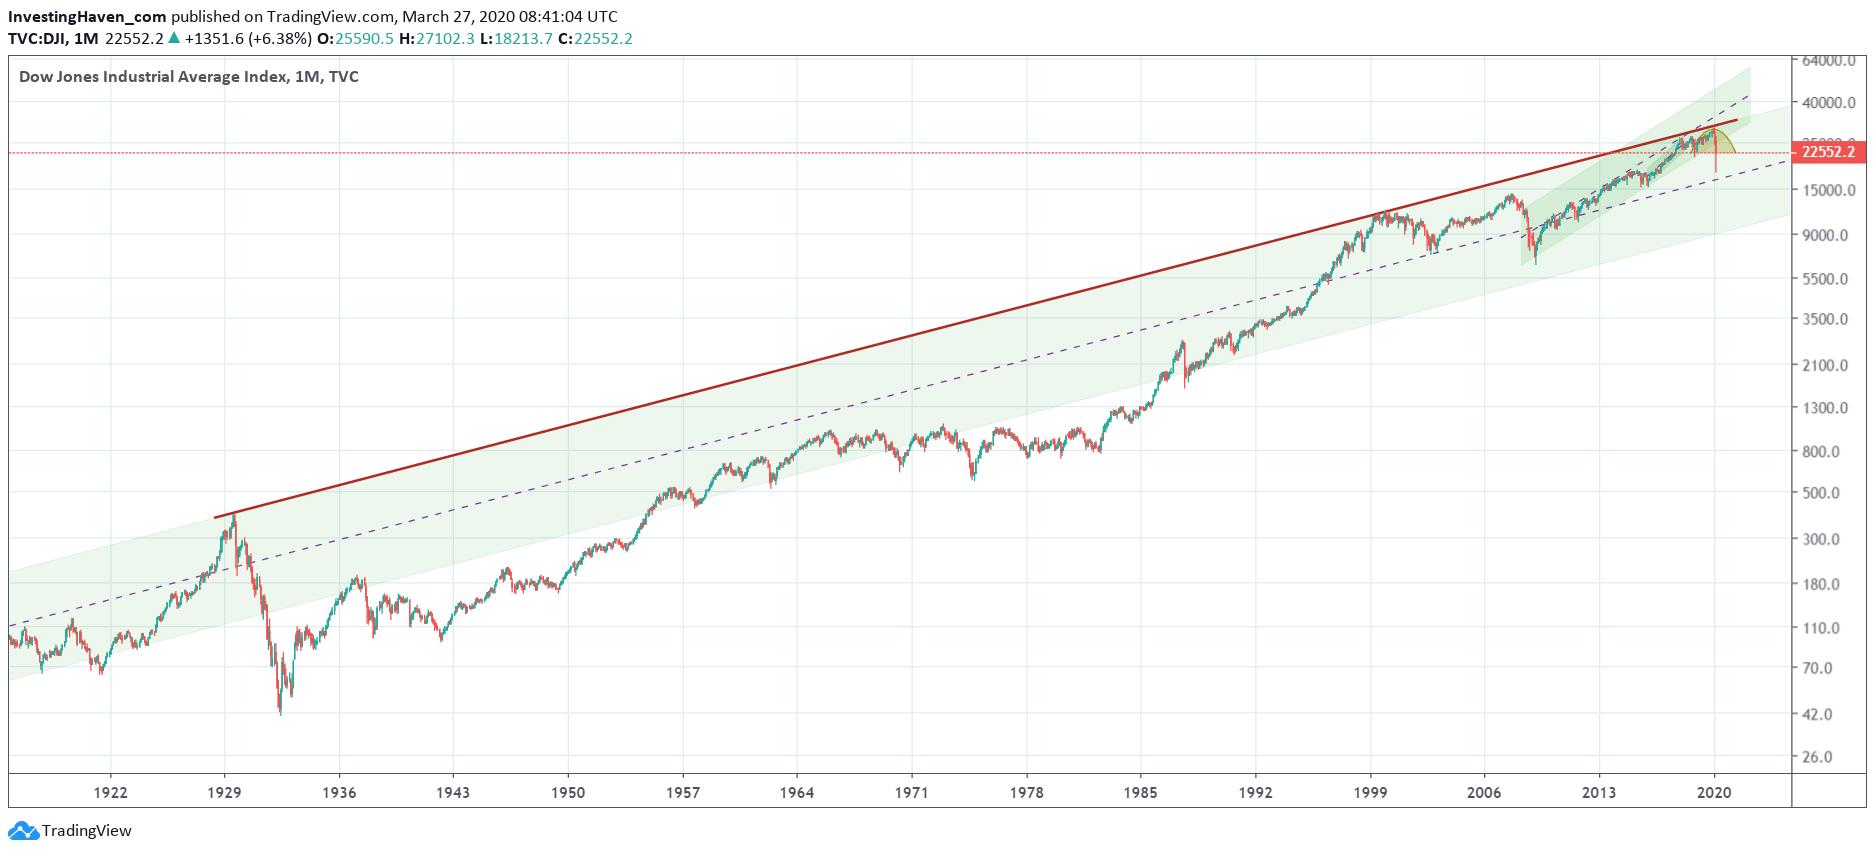 dow jones chart 100 years